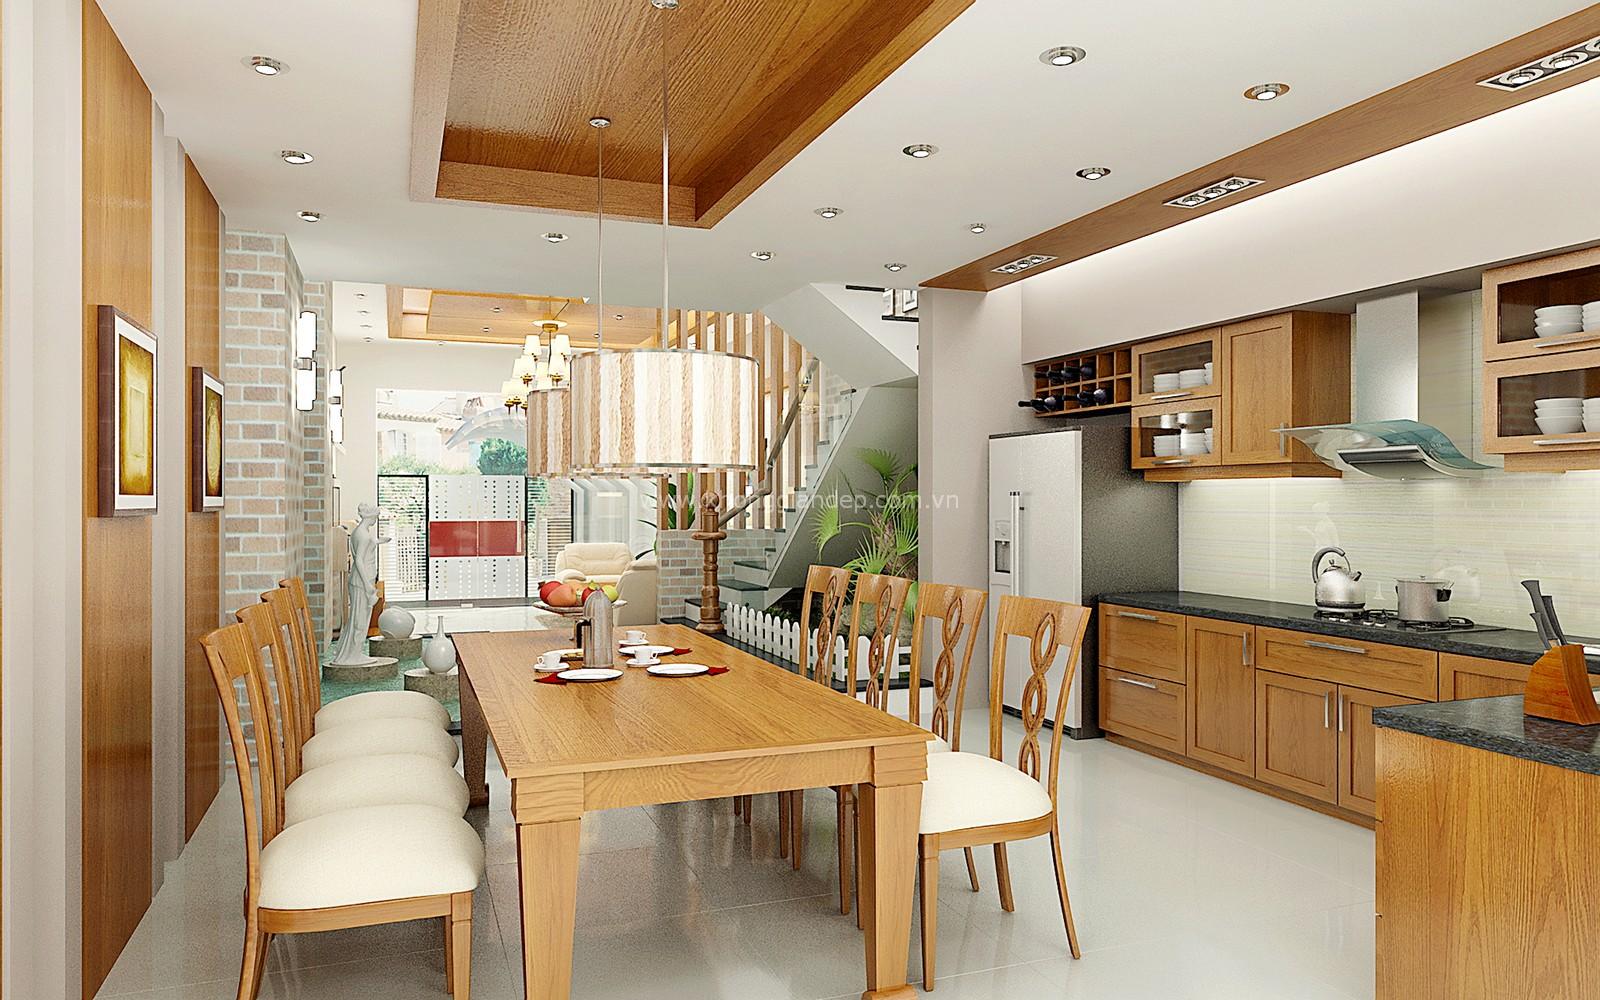 địa chỉ bán bàn ăn bằng gỗ nhỏ gọn